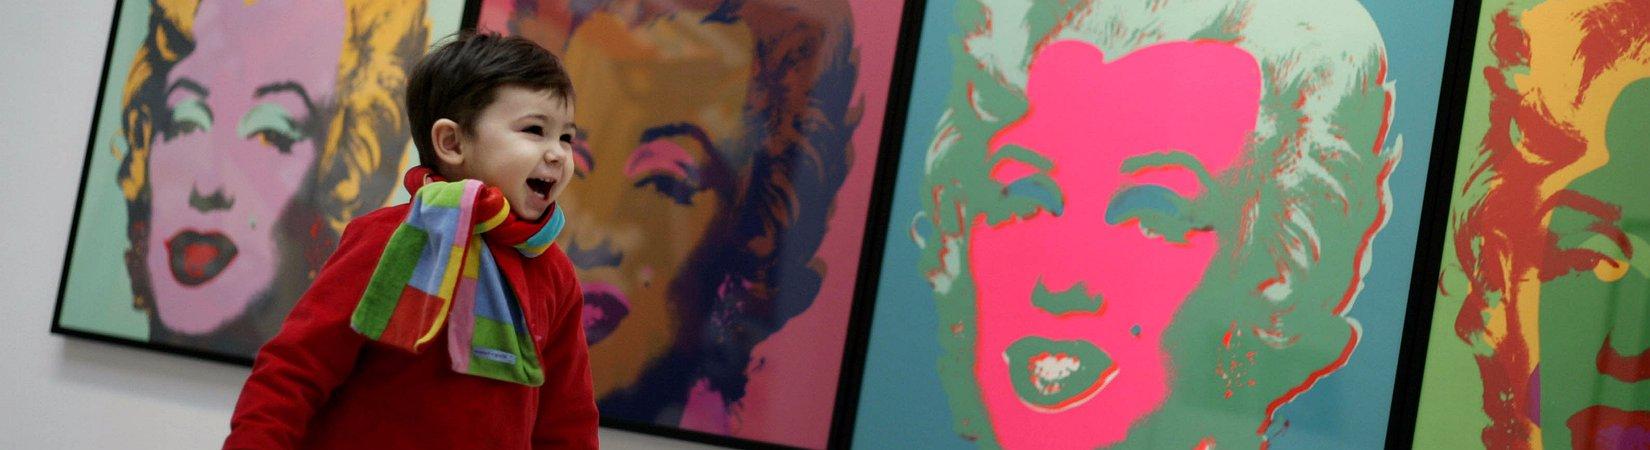 Мертвые души: Как заработать миллионы на Элвисе и Мэрилин Монро